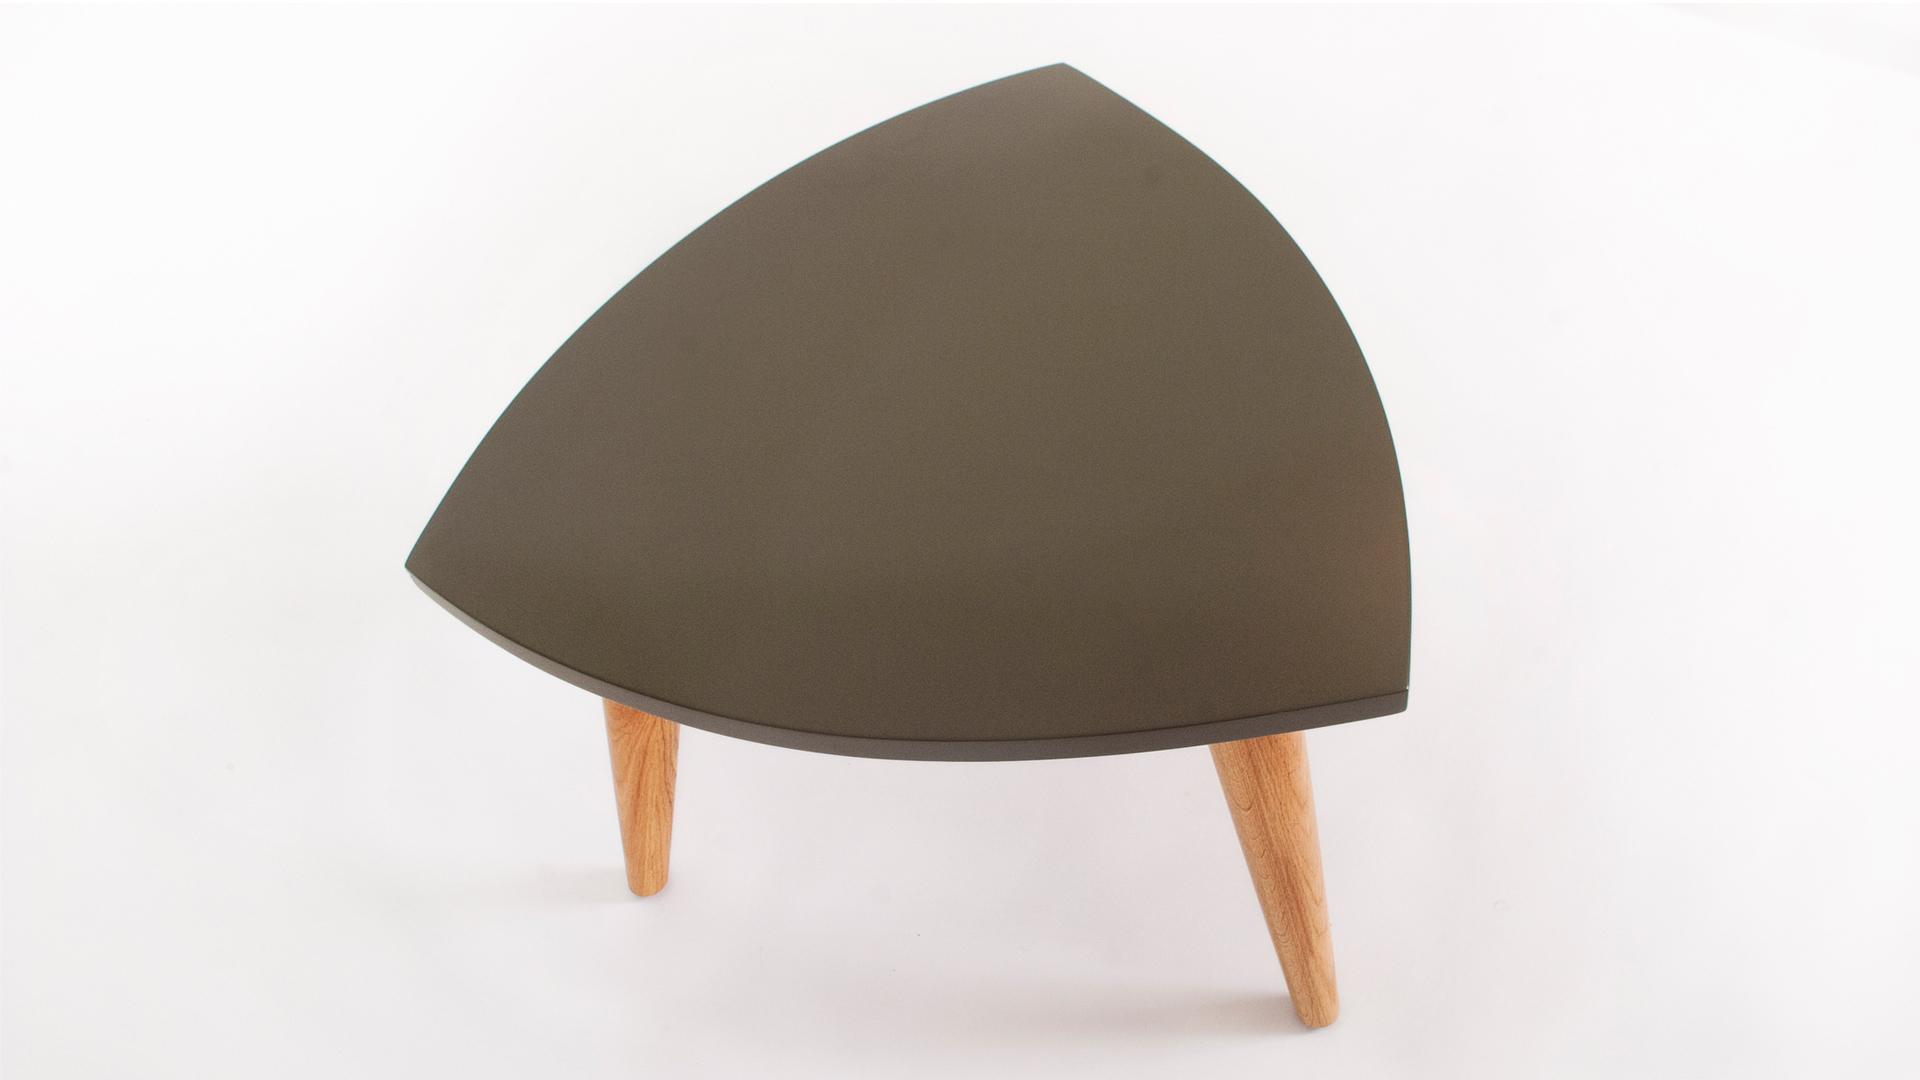 ורגלי אלון מלאשולחן המשלב פלטה באפוקסי